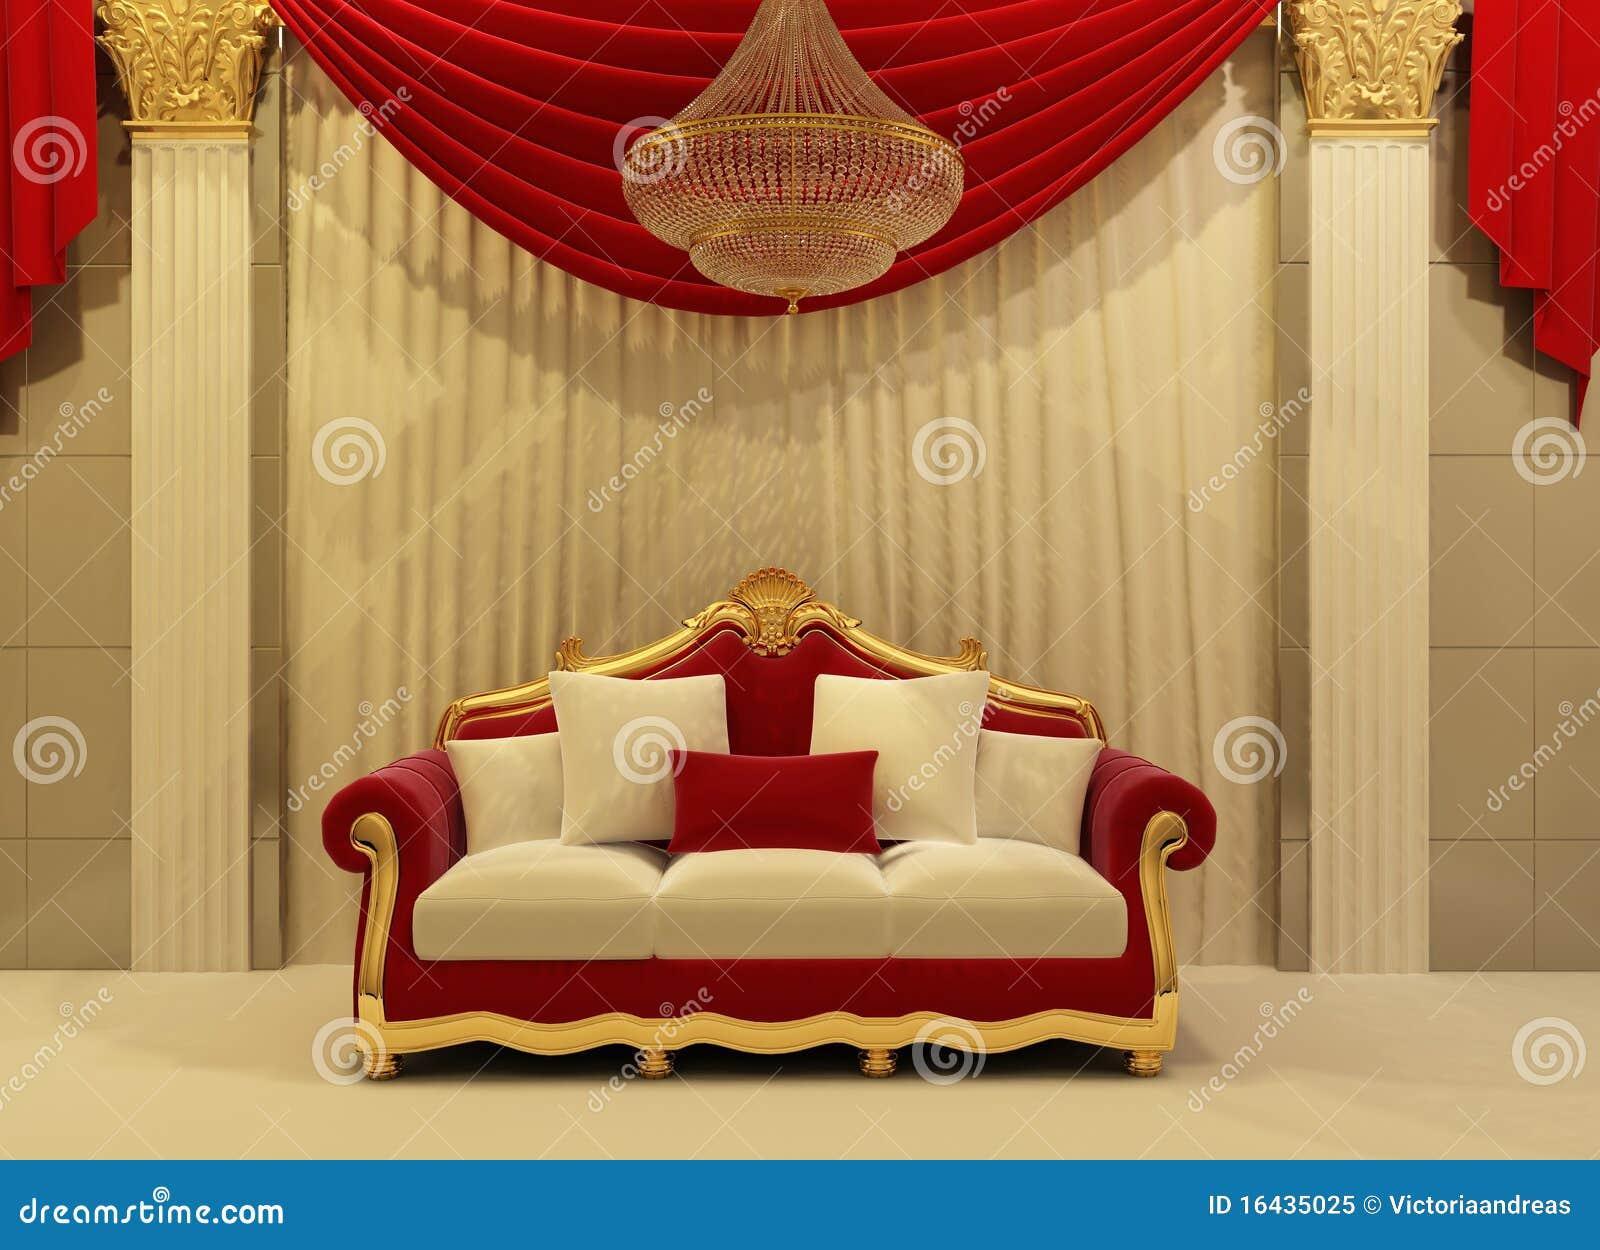 Modernes sofa im k niglichen innenraum lizenzfreies for Innenraum designer programm